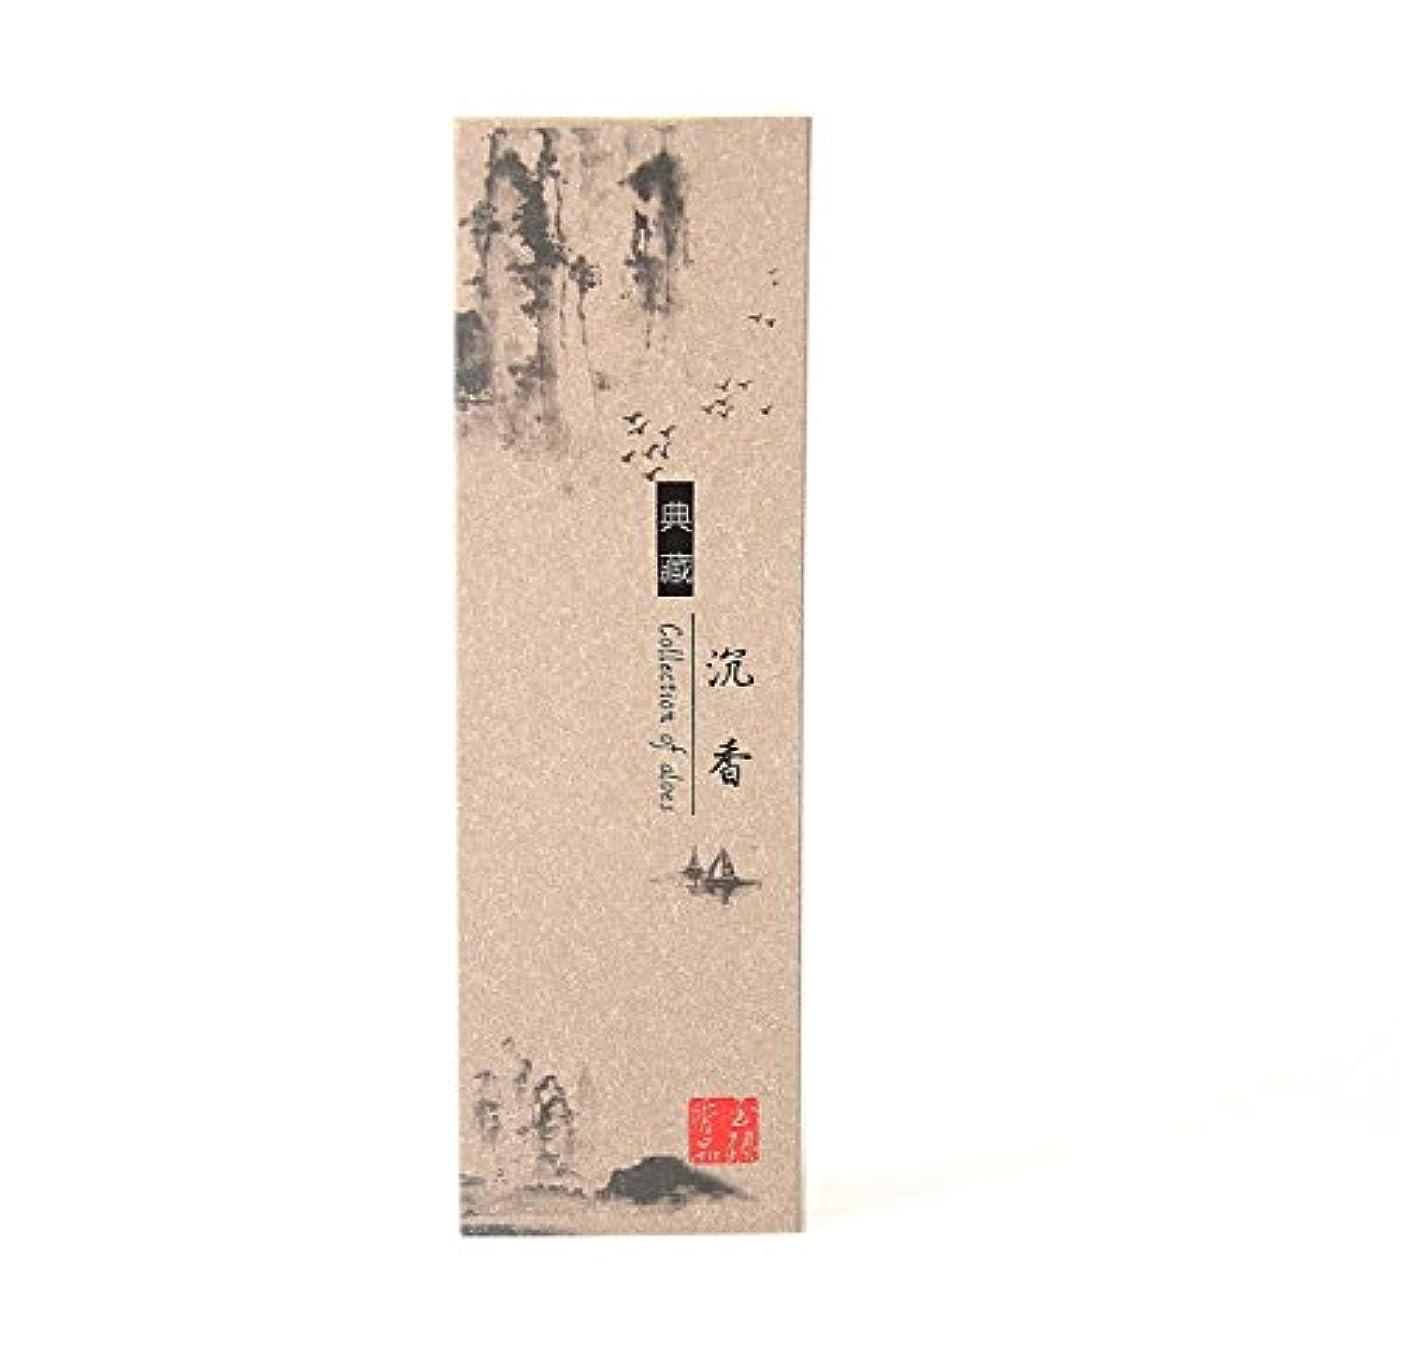 暗殺するデンプシーイデオロギーHwagui 百年瀋香 天然の手作りお香 養心安神 お香立て 線香 ギフト